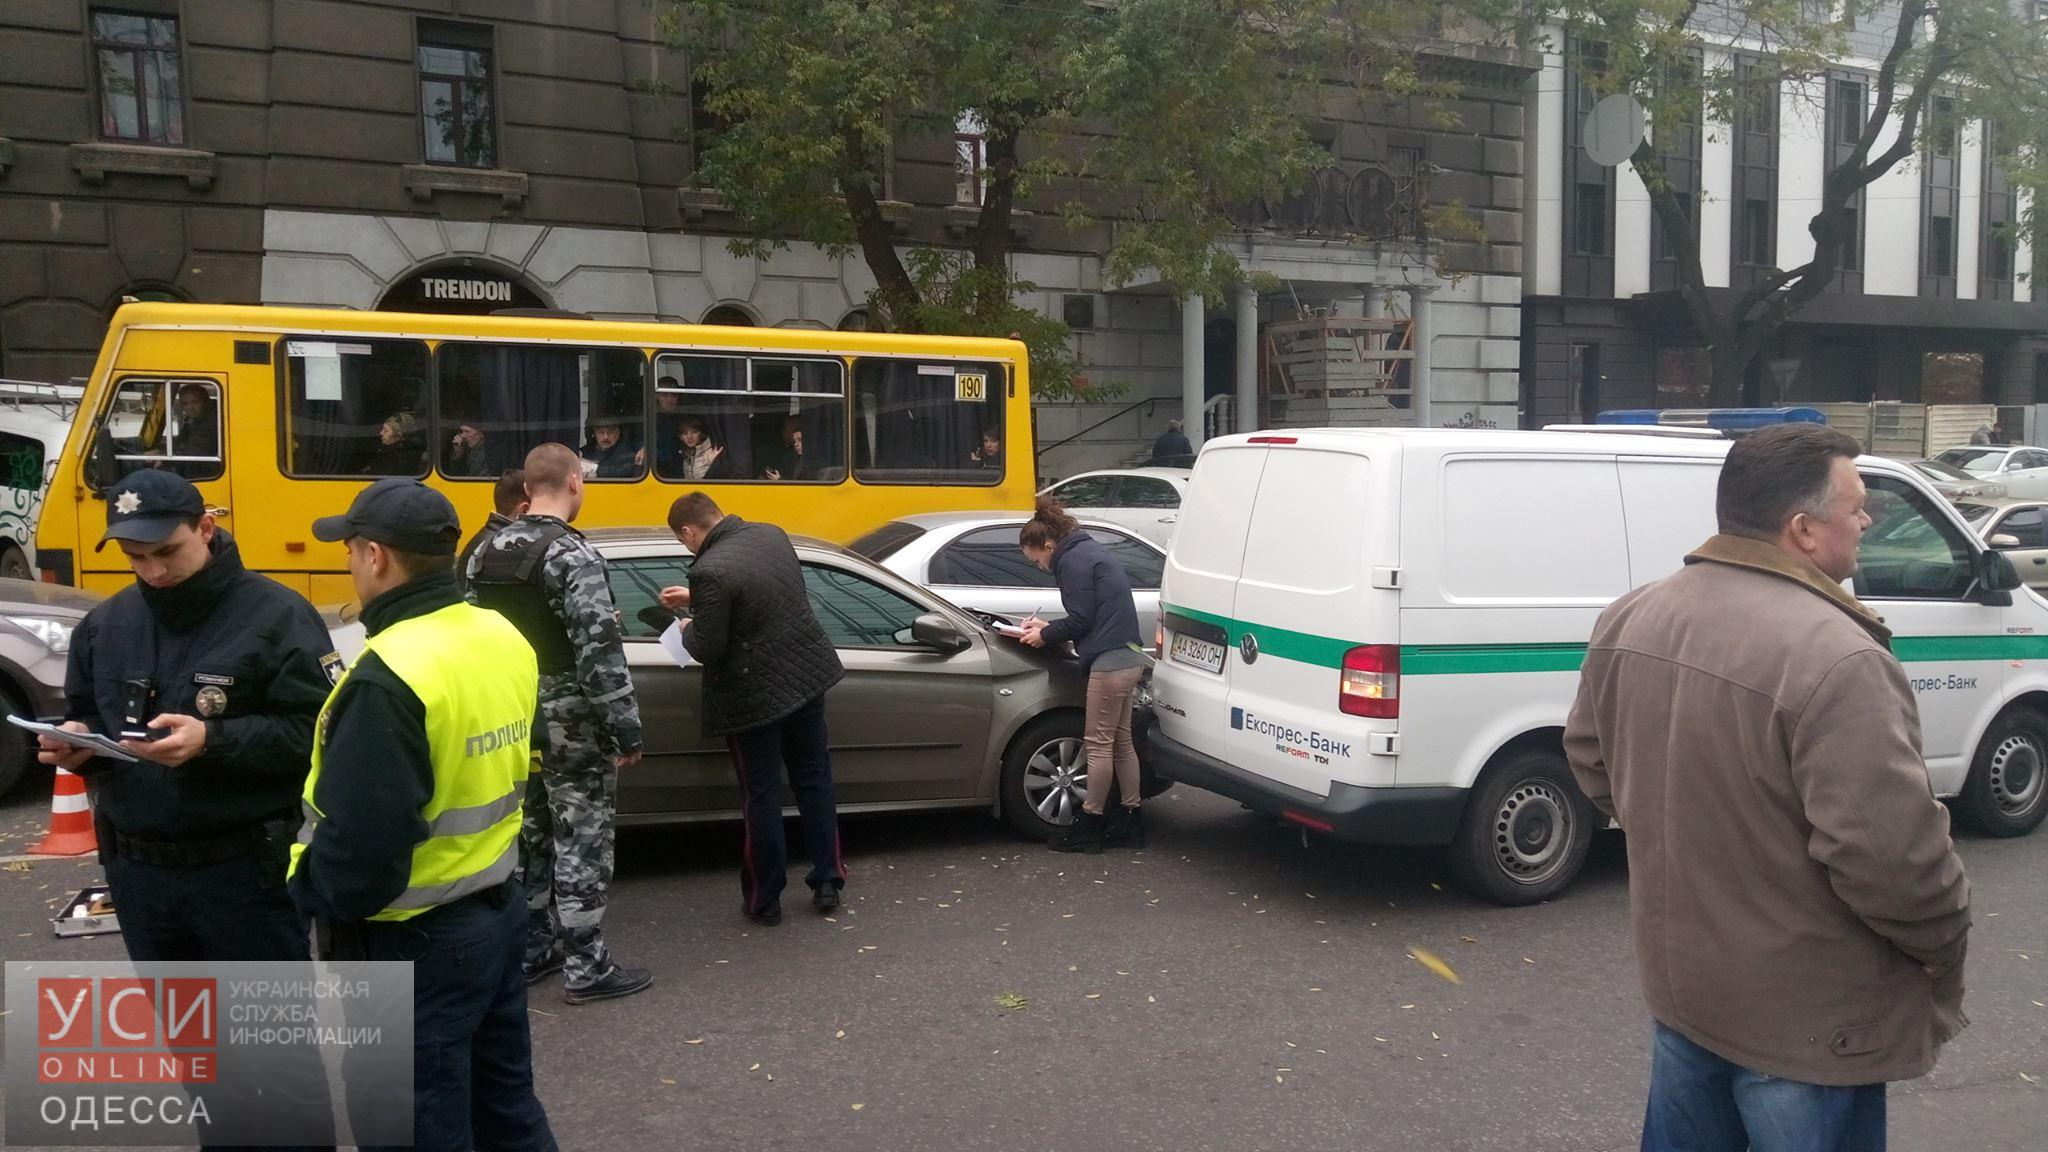 НаПольском спуске шофёр легковушки врезался винкассаторский автомобиль и убежал